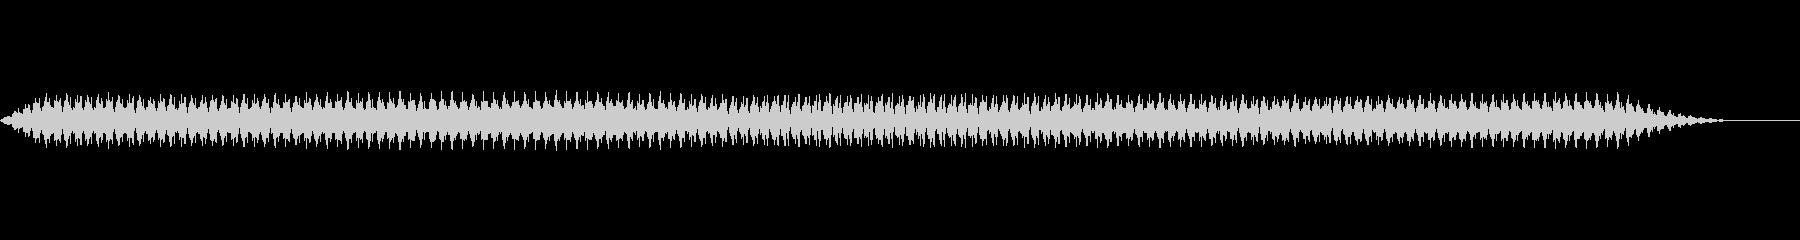 機械的ノイズの未再生の波形